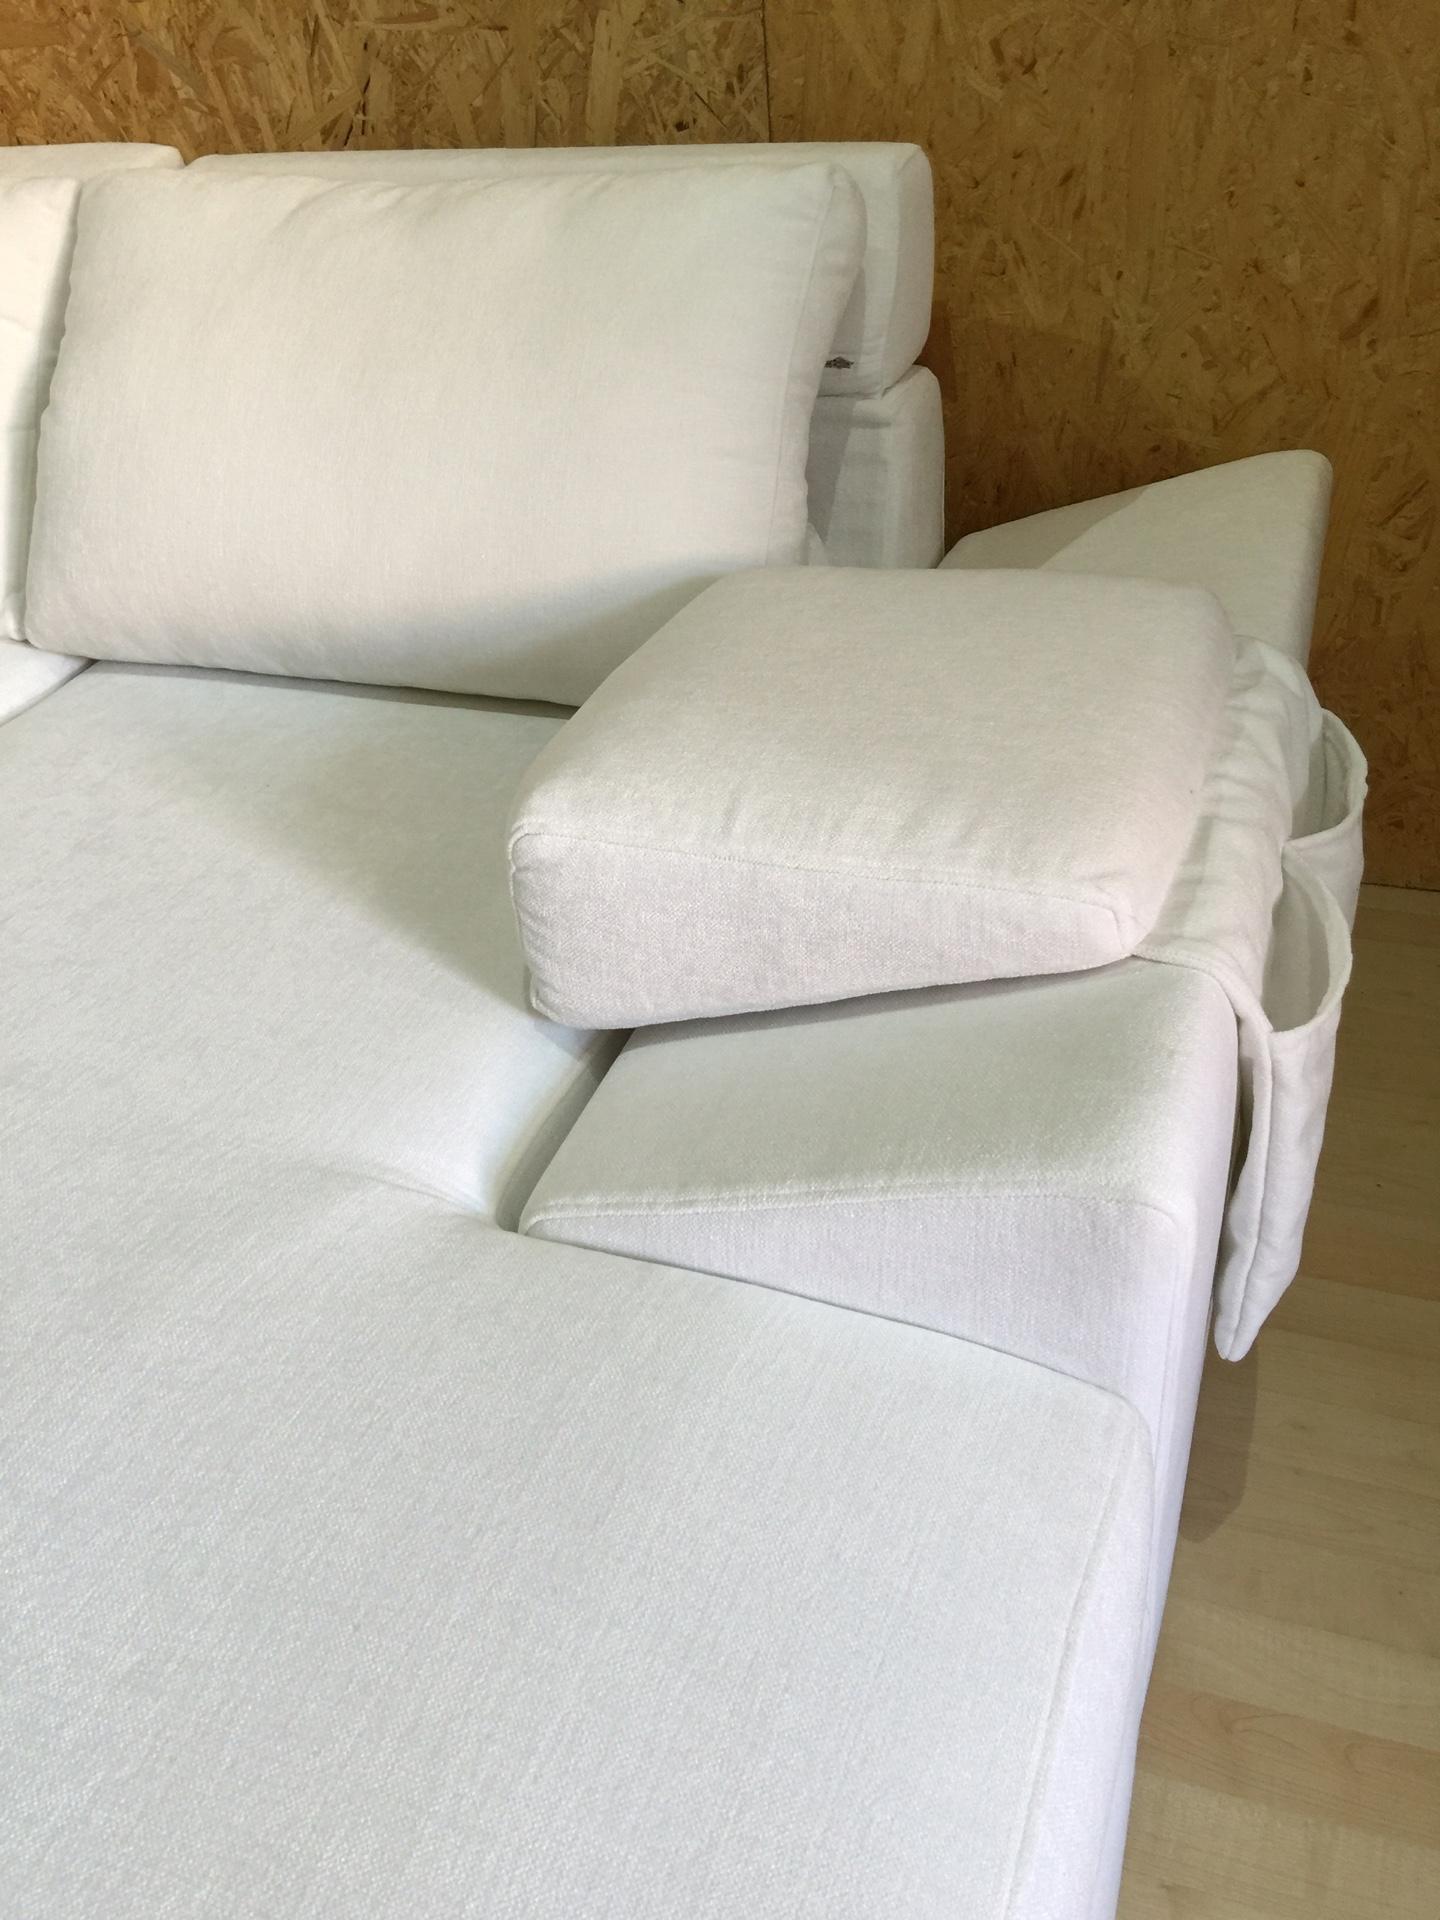 Divano felis felix otello in tessuto bianco con penisola divani a prezzi scontati - Pulire divano tessuto ...